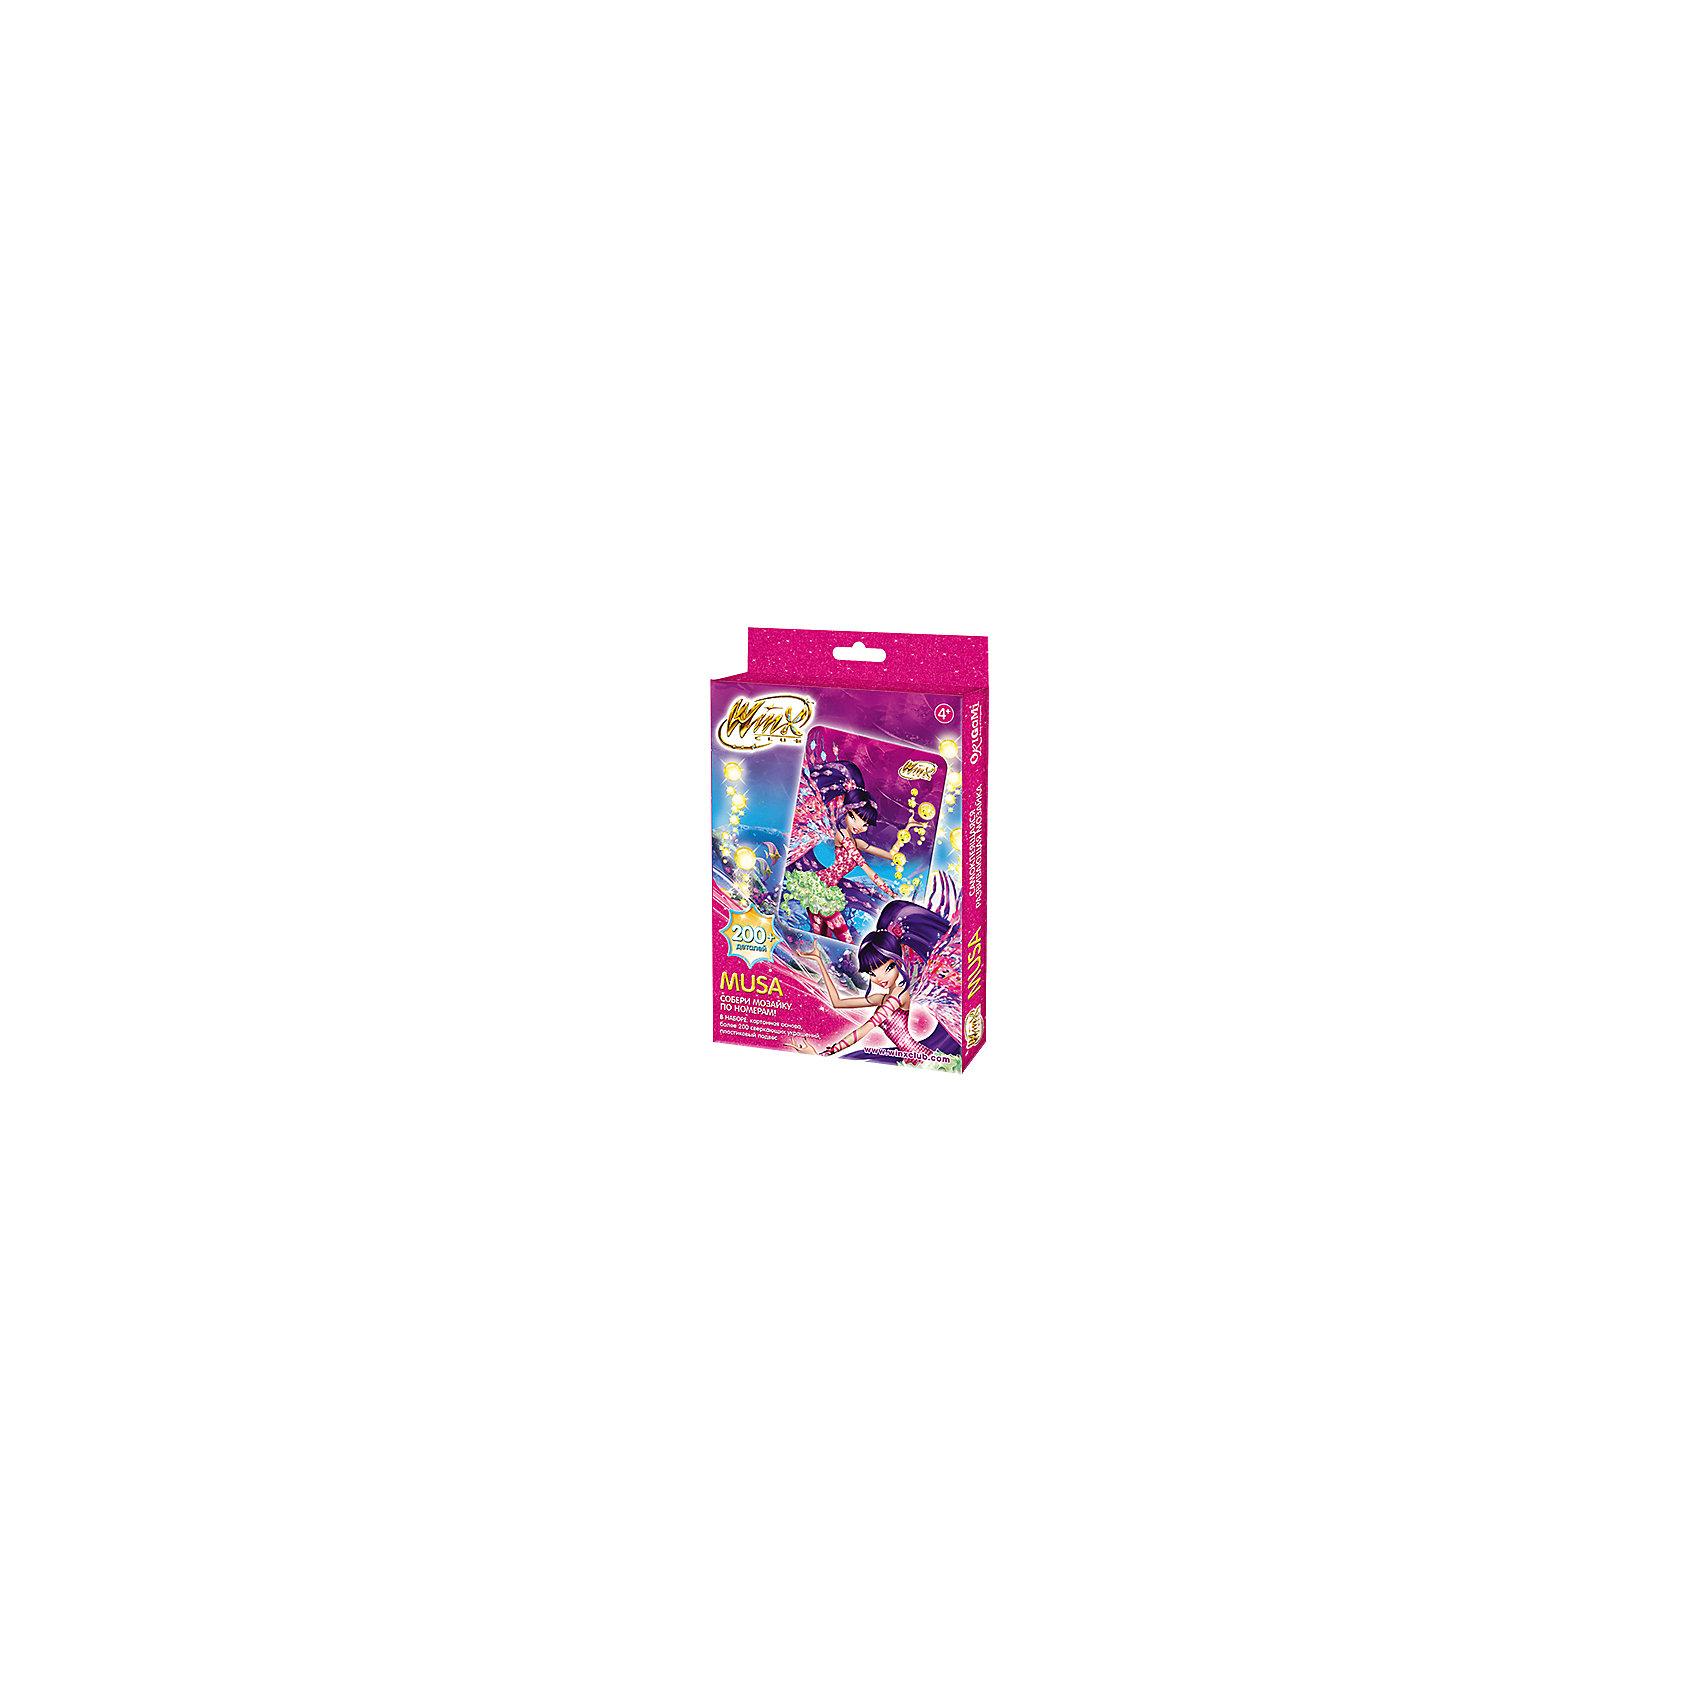 Origami Самоклеющаяся мозаика Муза, Winx Club мозаика тридевятое царство шестигранная мозаика 145 эл 5цв 00956